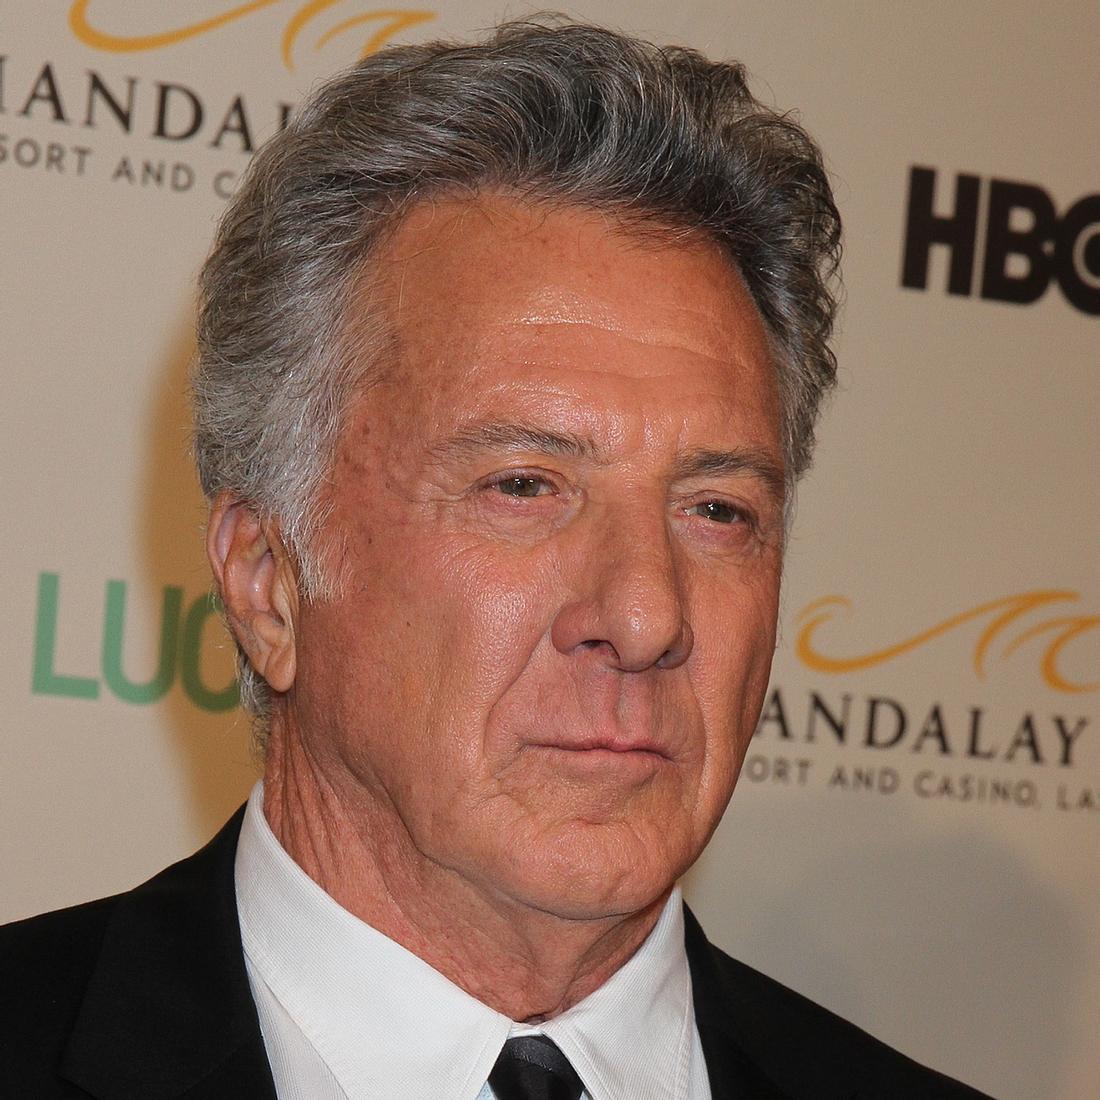 Dustin Hoffmans Serie wird nach Protesten von PETA eingestellt